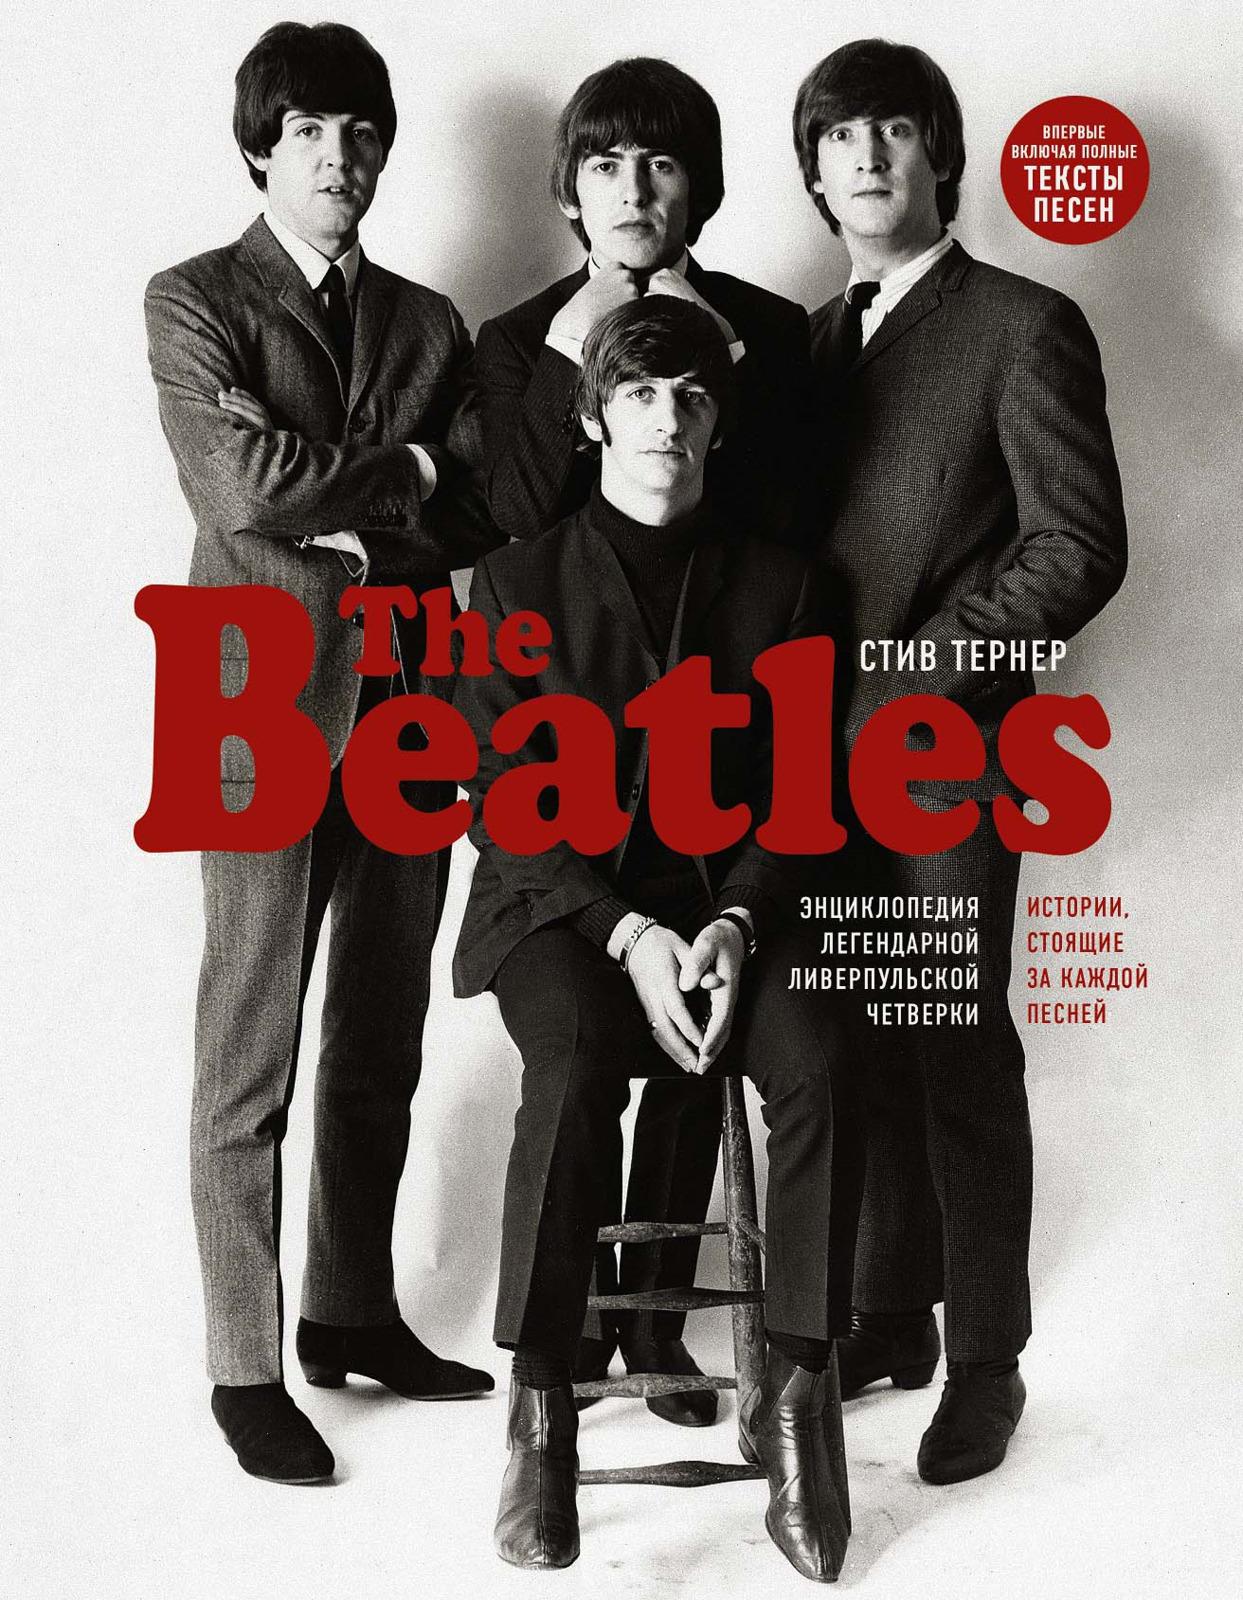 The Beatles. Энциклопедия легендарной ливерпульской четверки. Стив Тернер